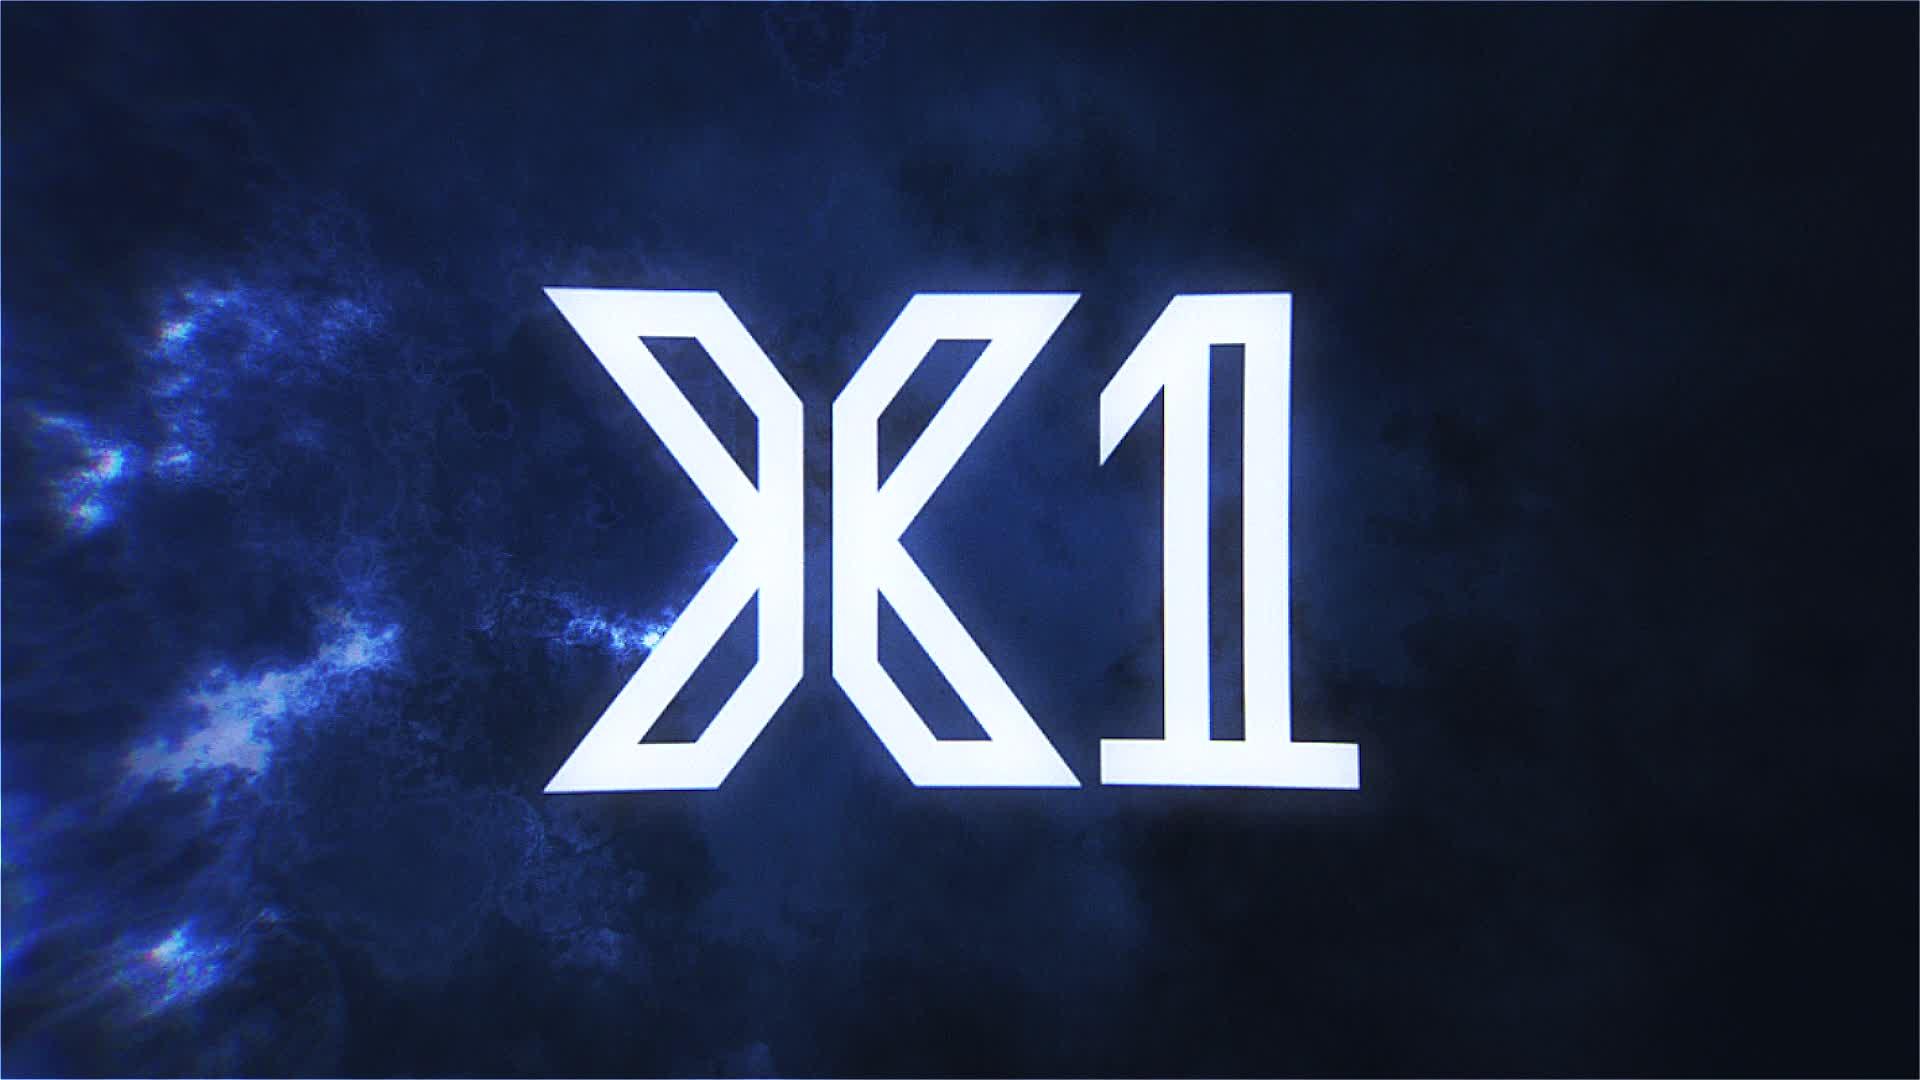 X1 LOGO FILM